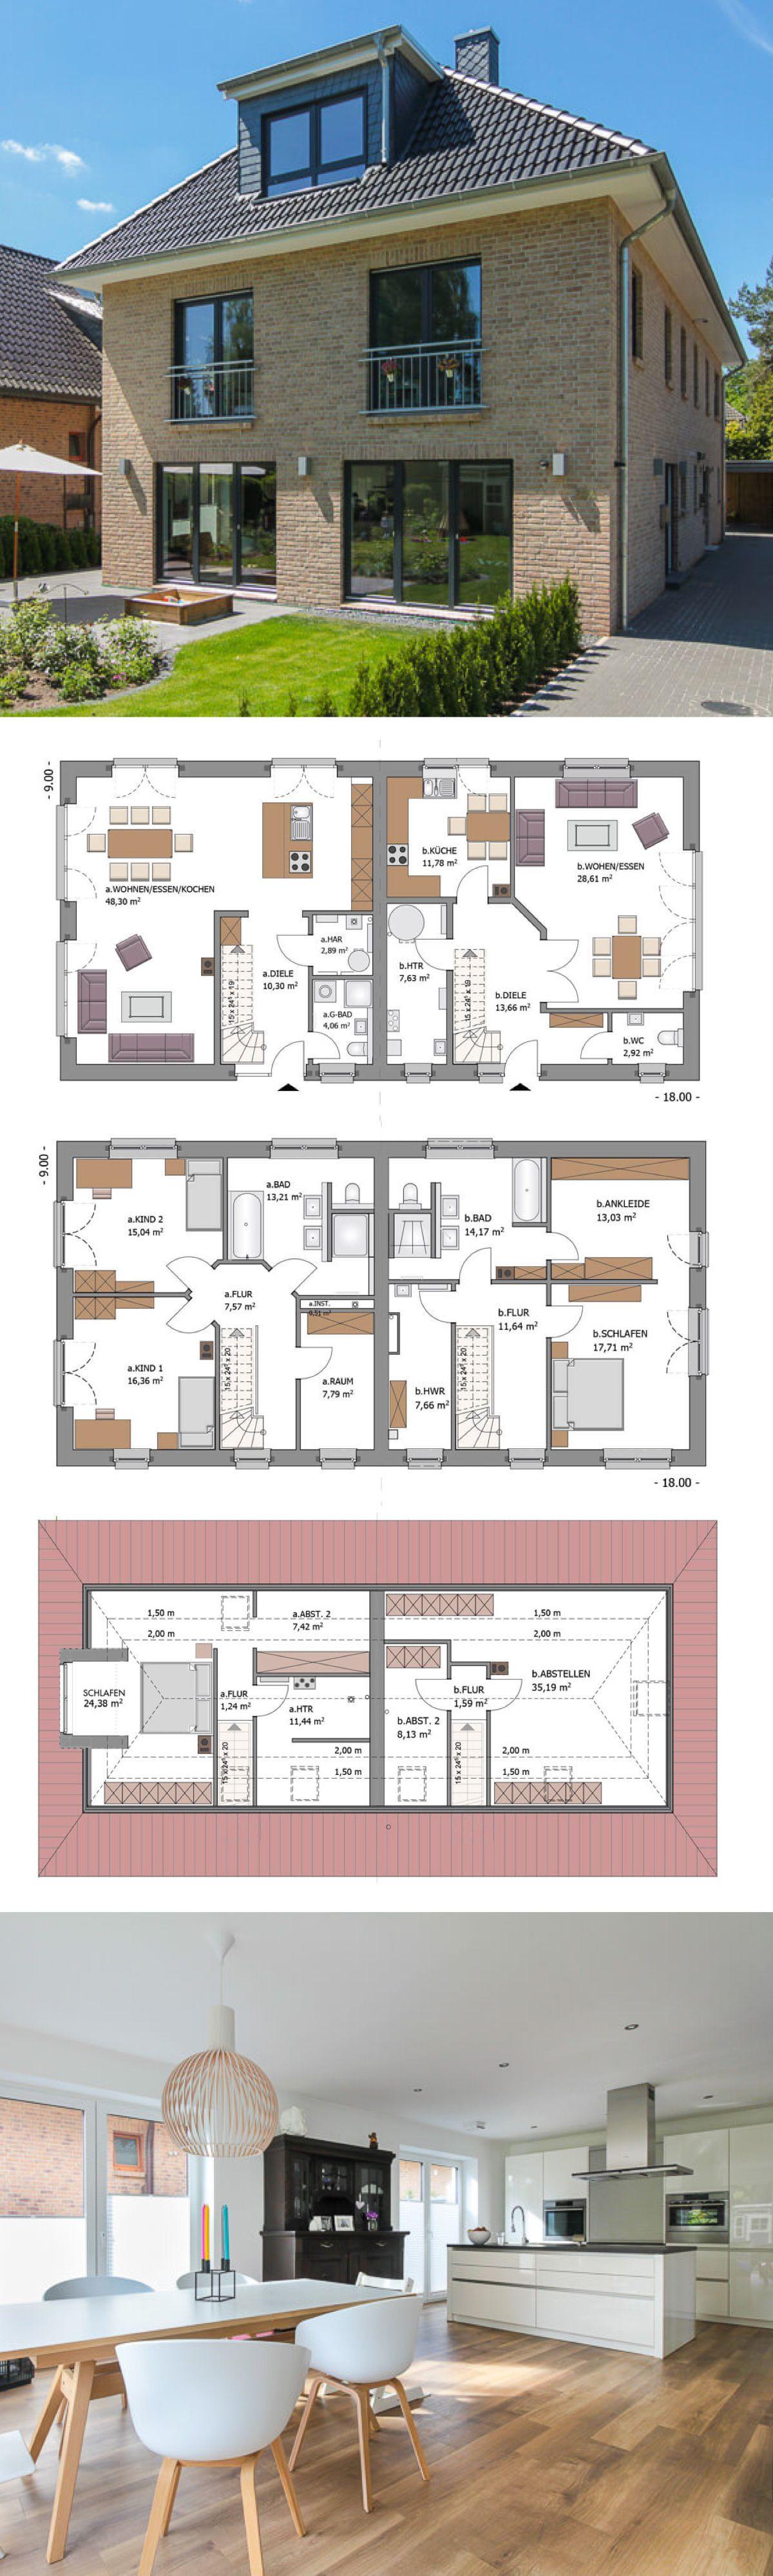 Zweifamilienhaus modern mit klinker fassade walmdach for Massivhaus modern